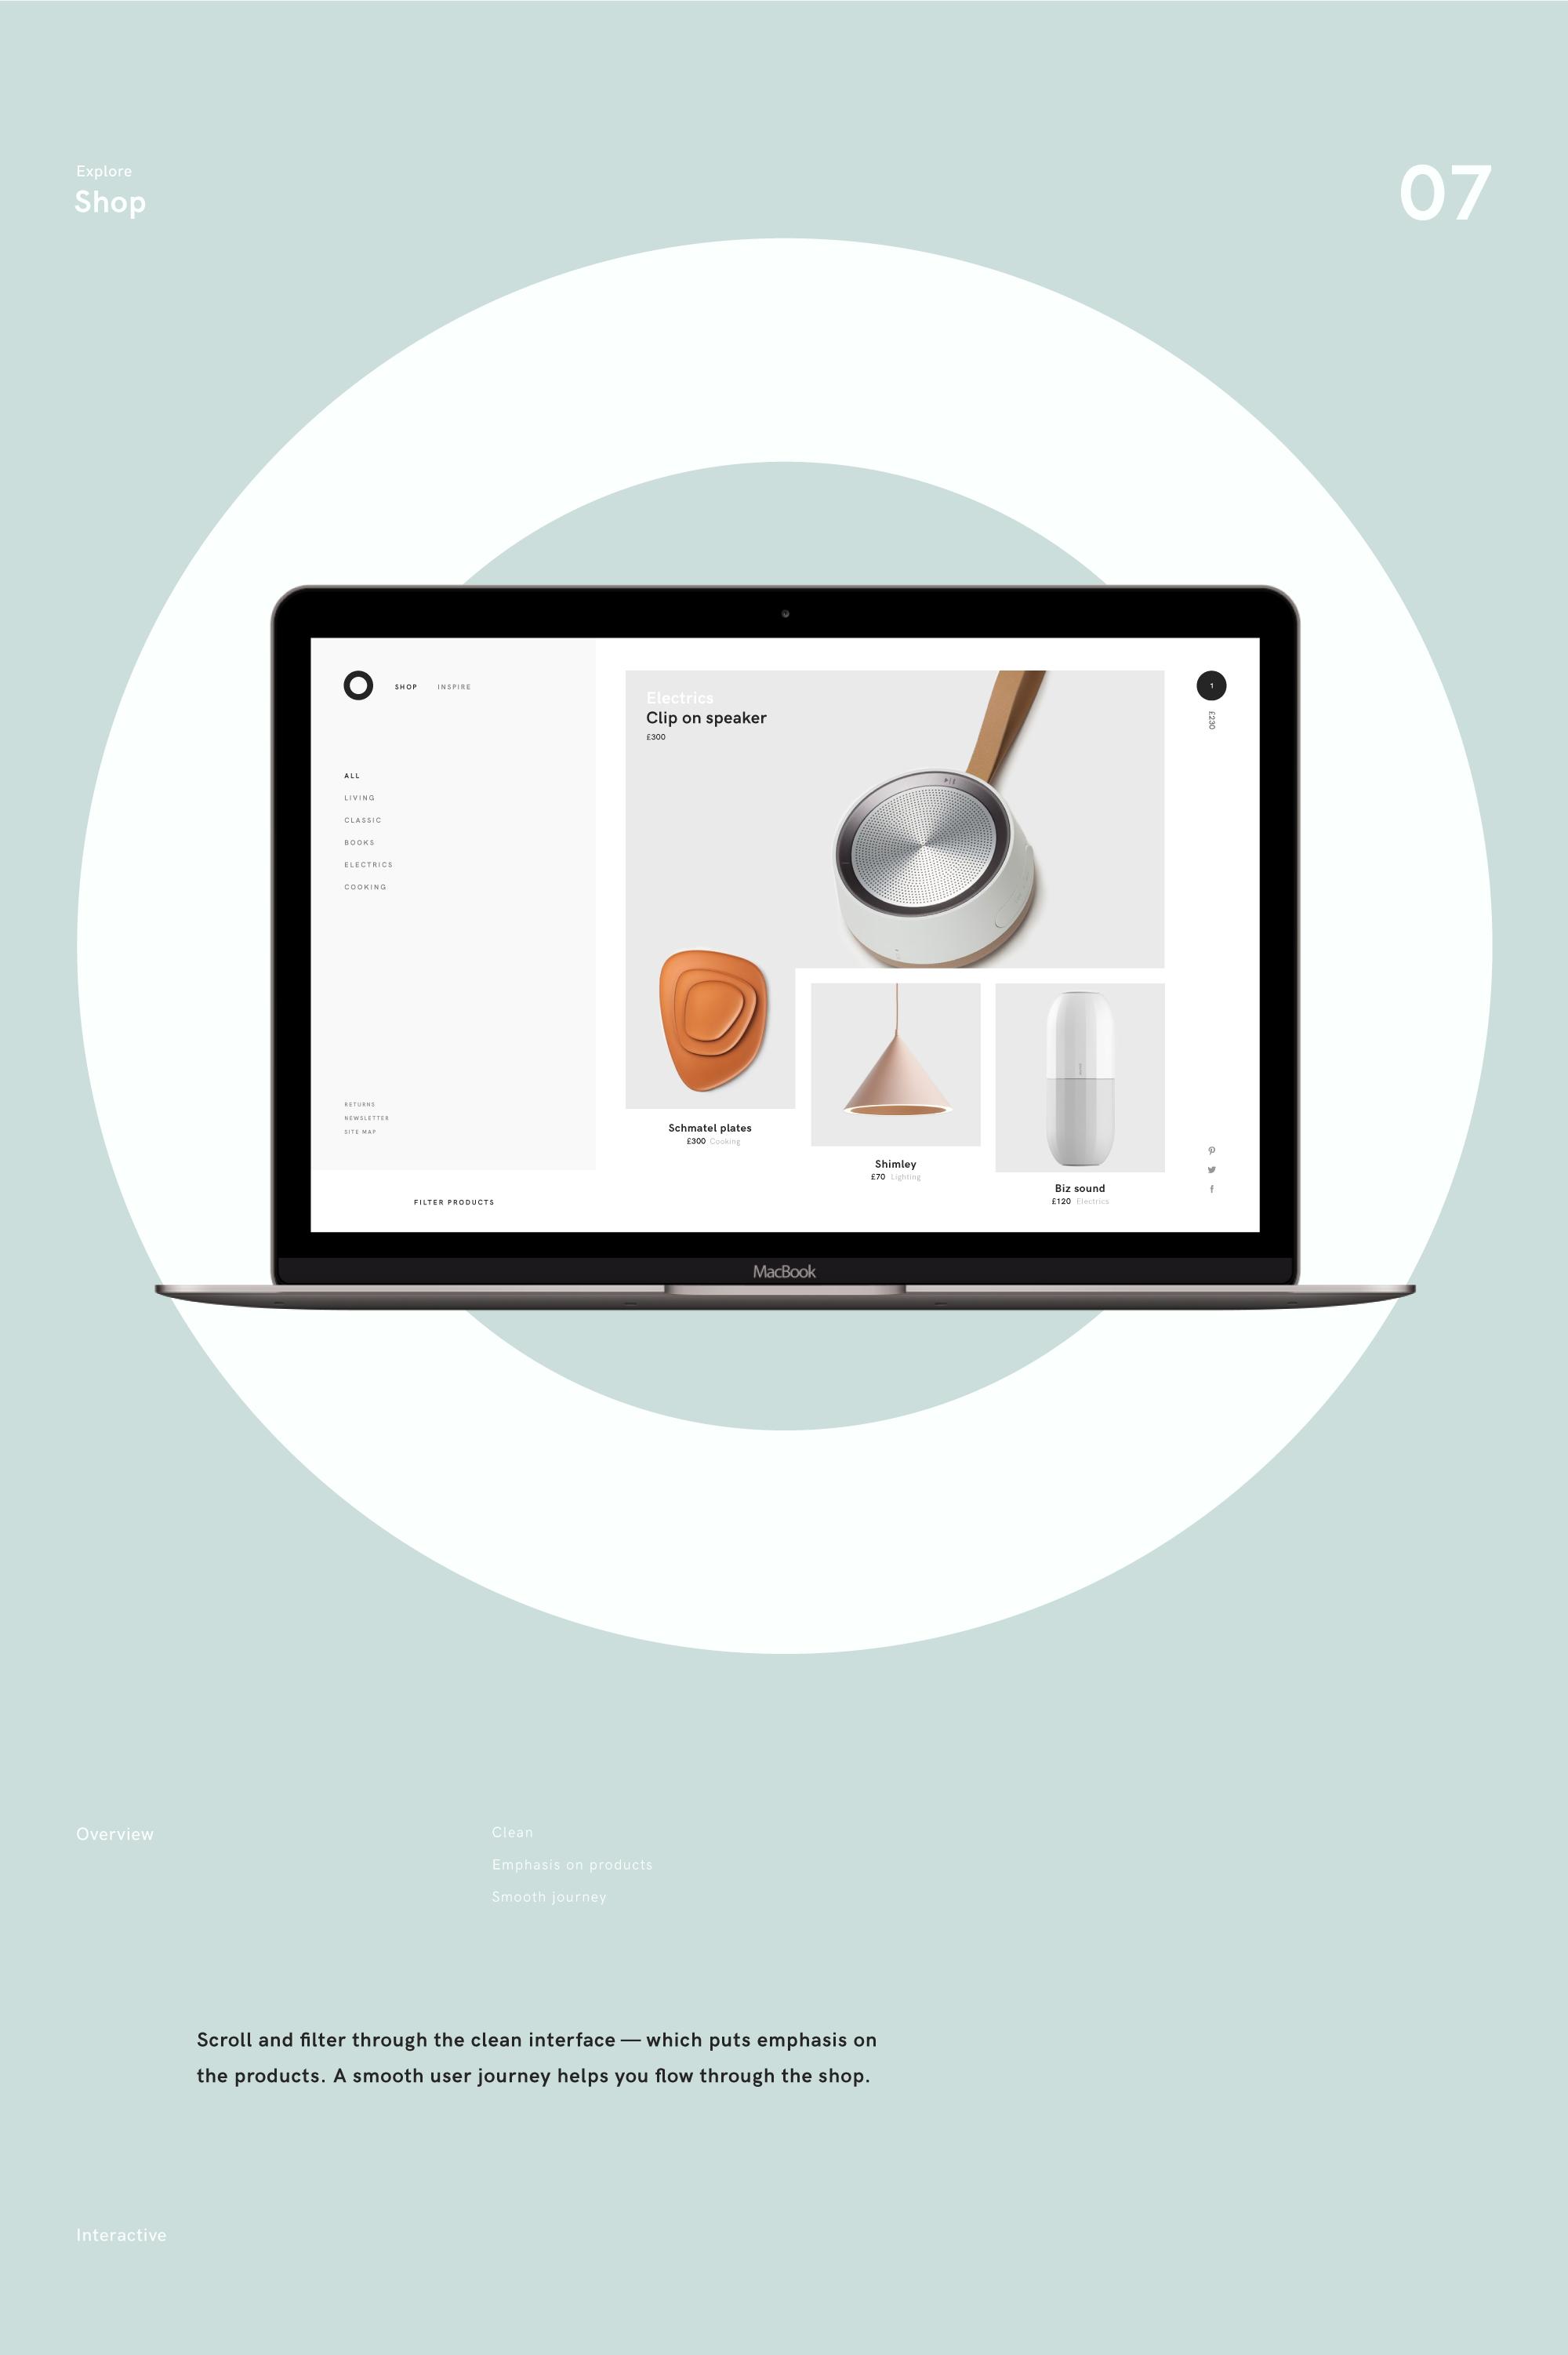 Shop_Intro